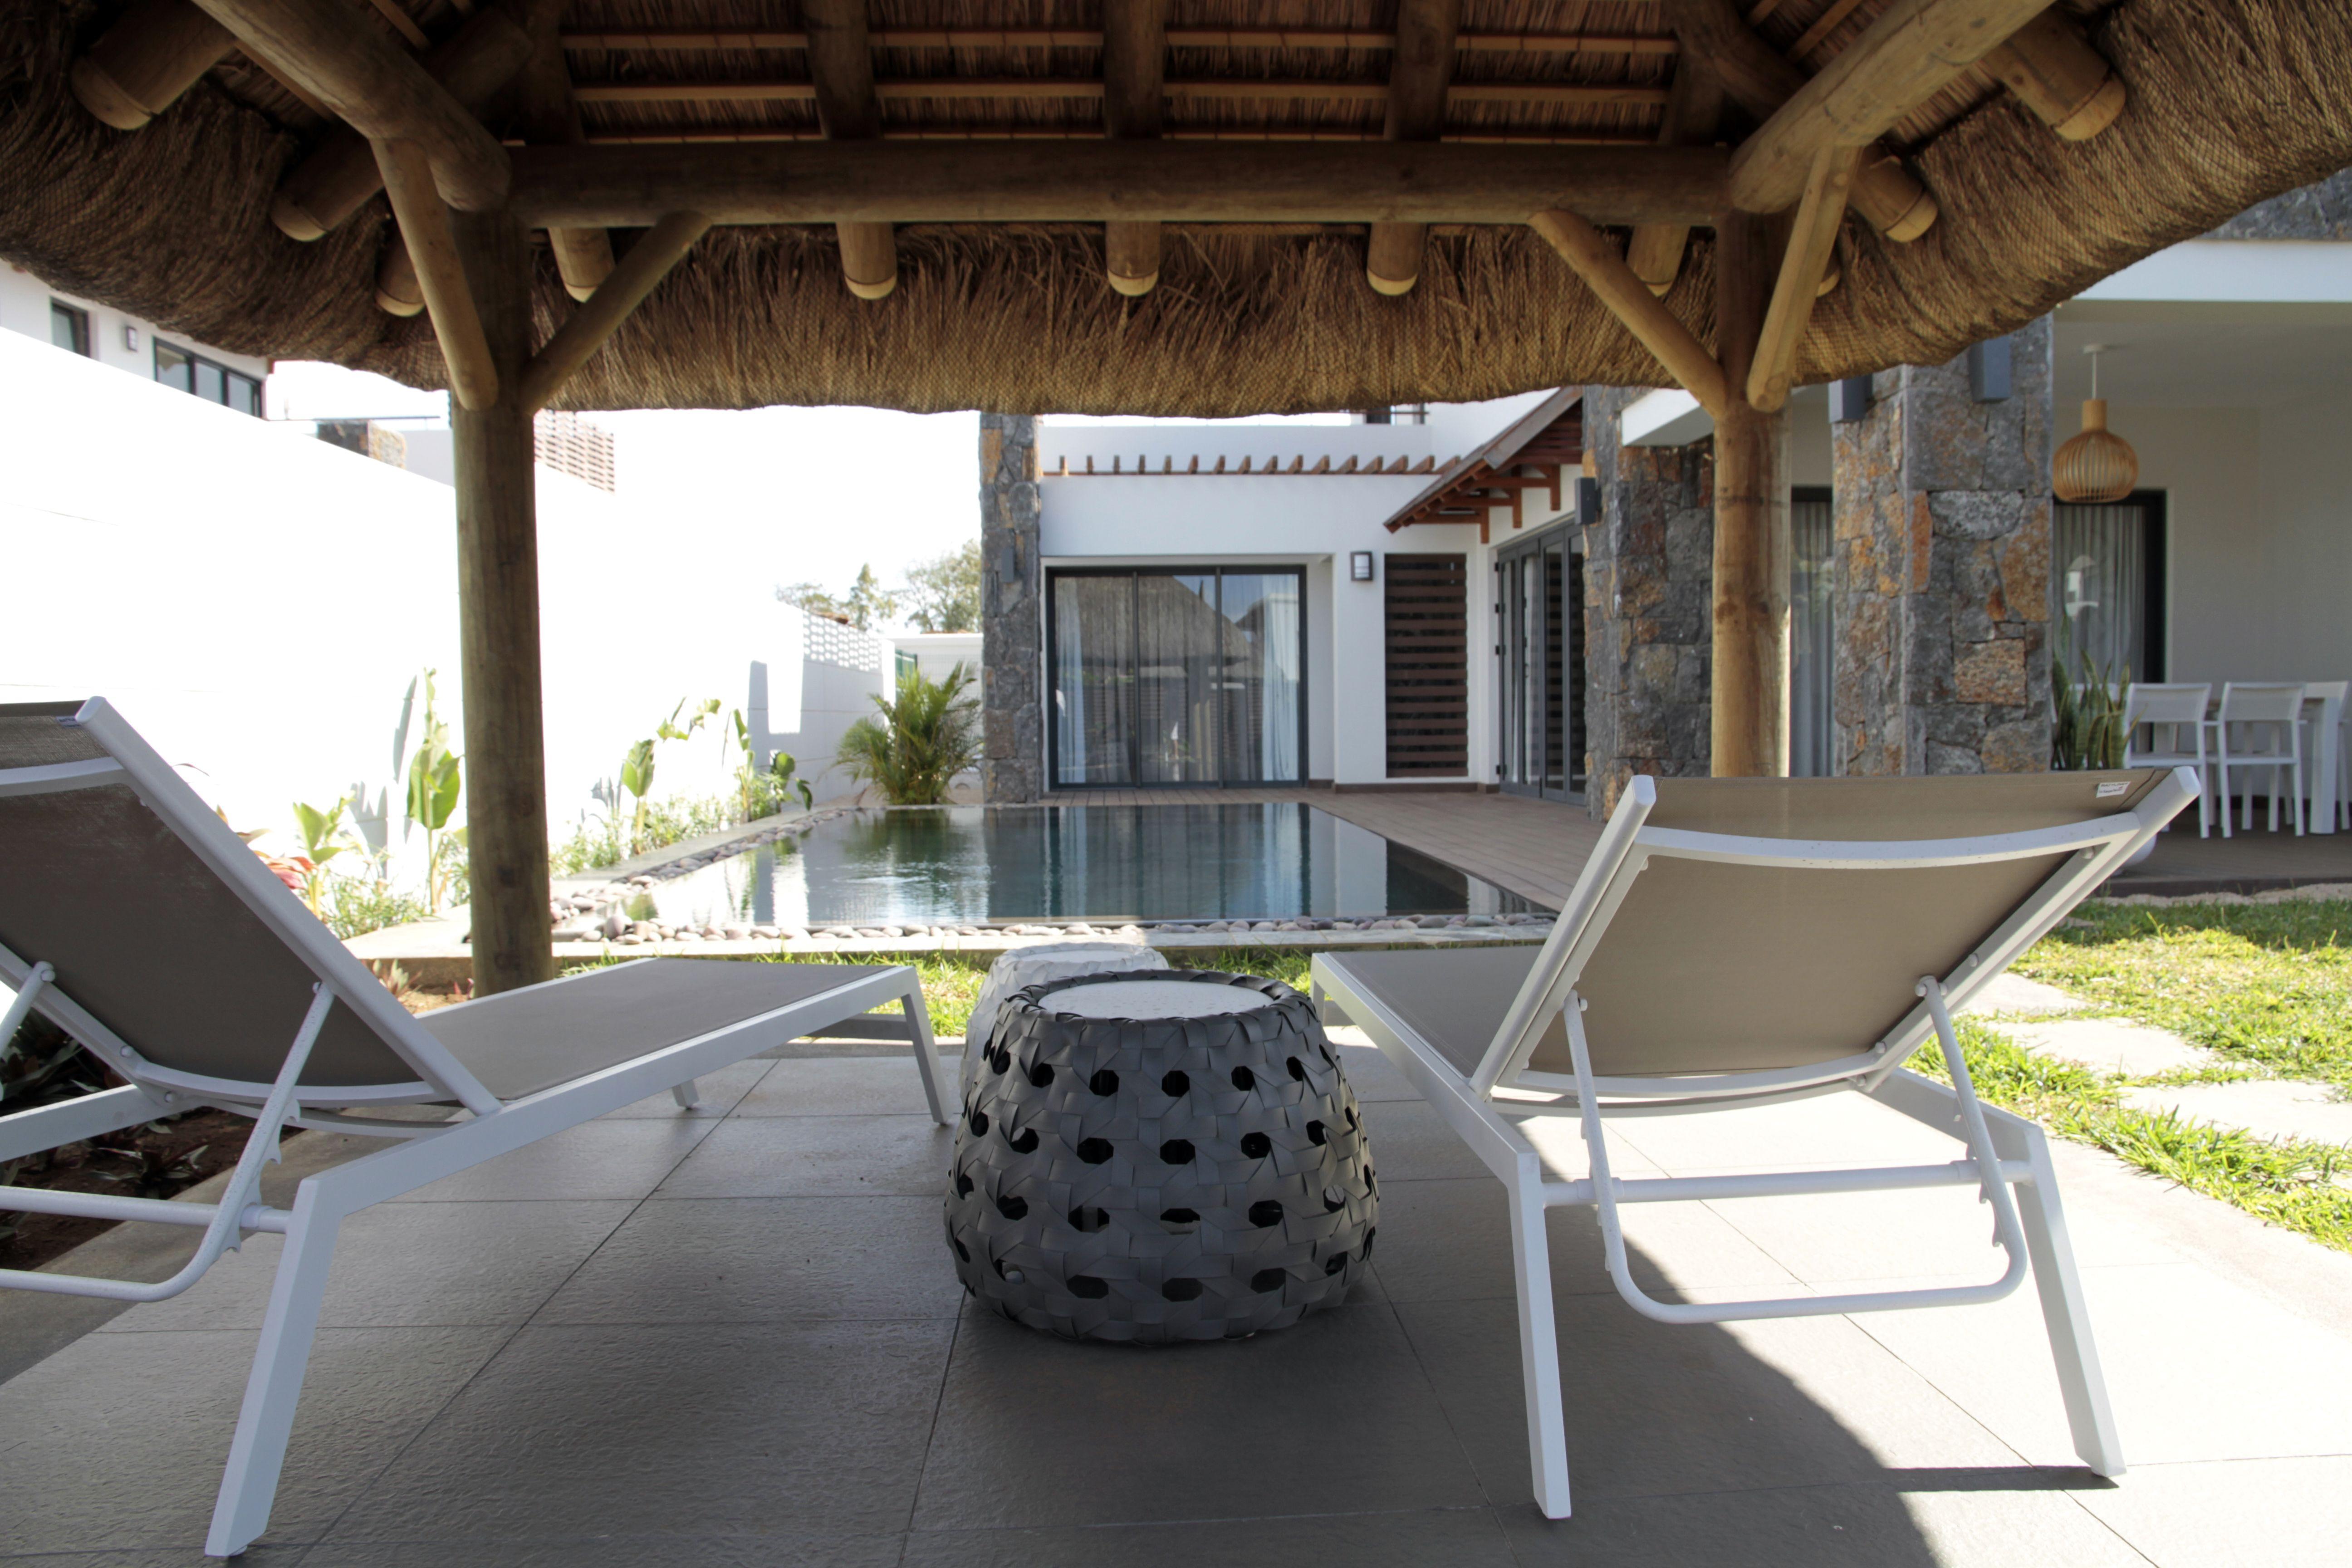 Une villa moderne aux lignes épurées et une structure murale en pierres apparentes très typique